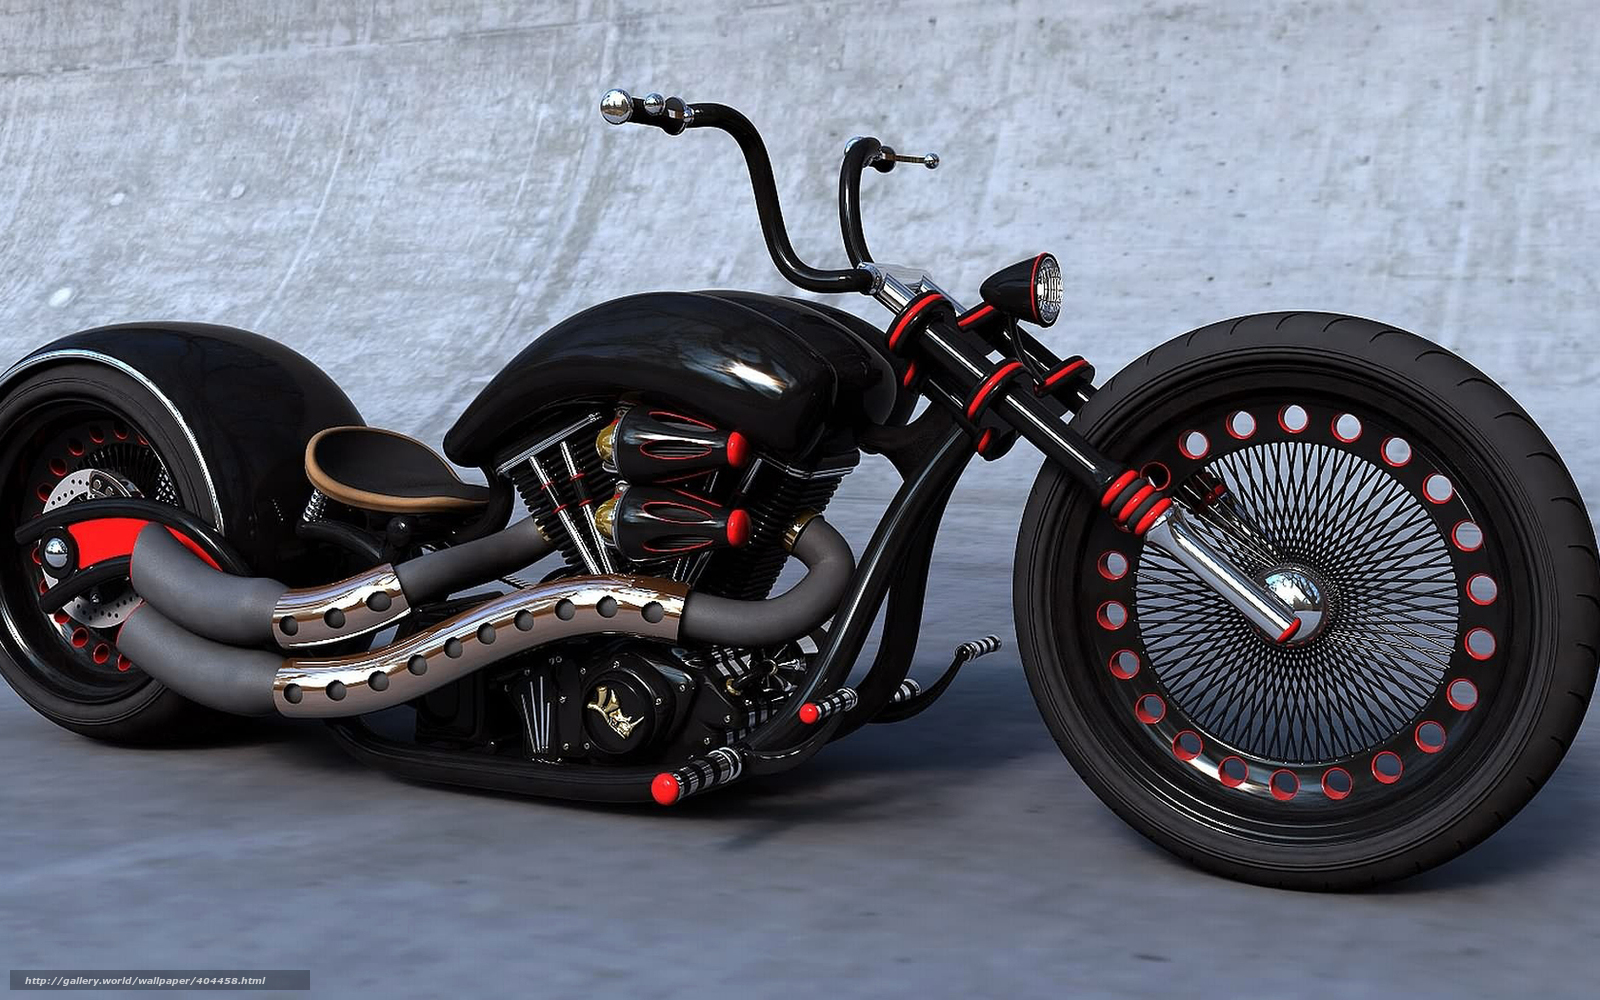 спорт-руль на мотоциклах #9